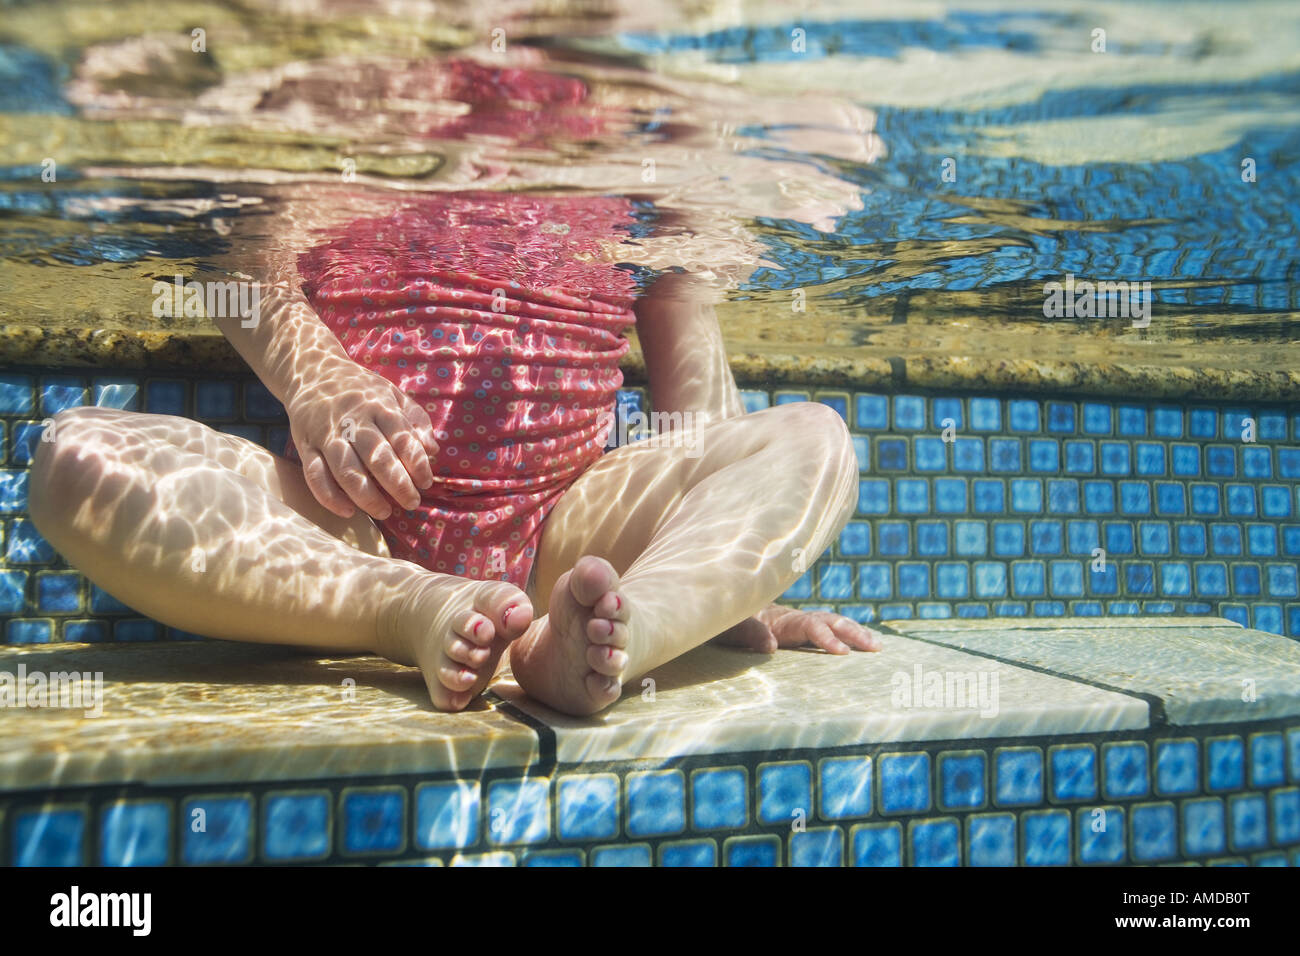 Chica sentada en la piscina de cintura para abajo Imagen De Stock